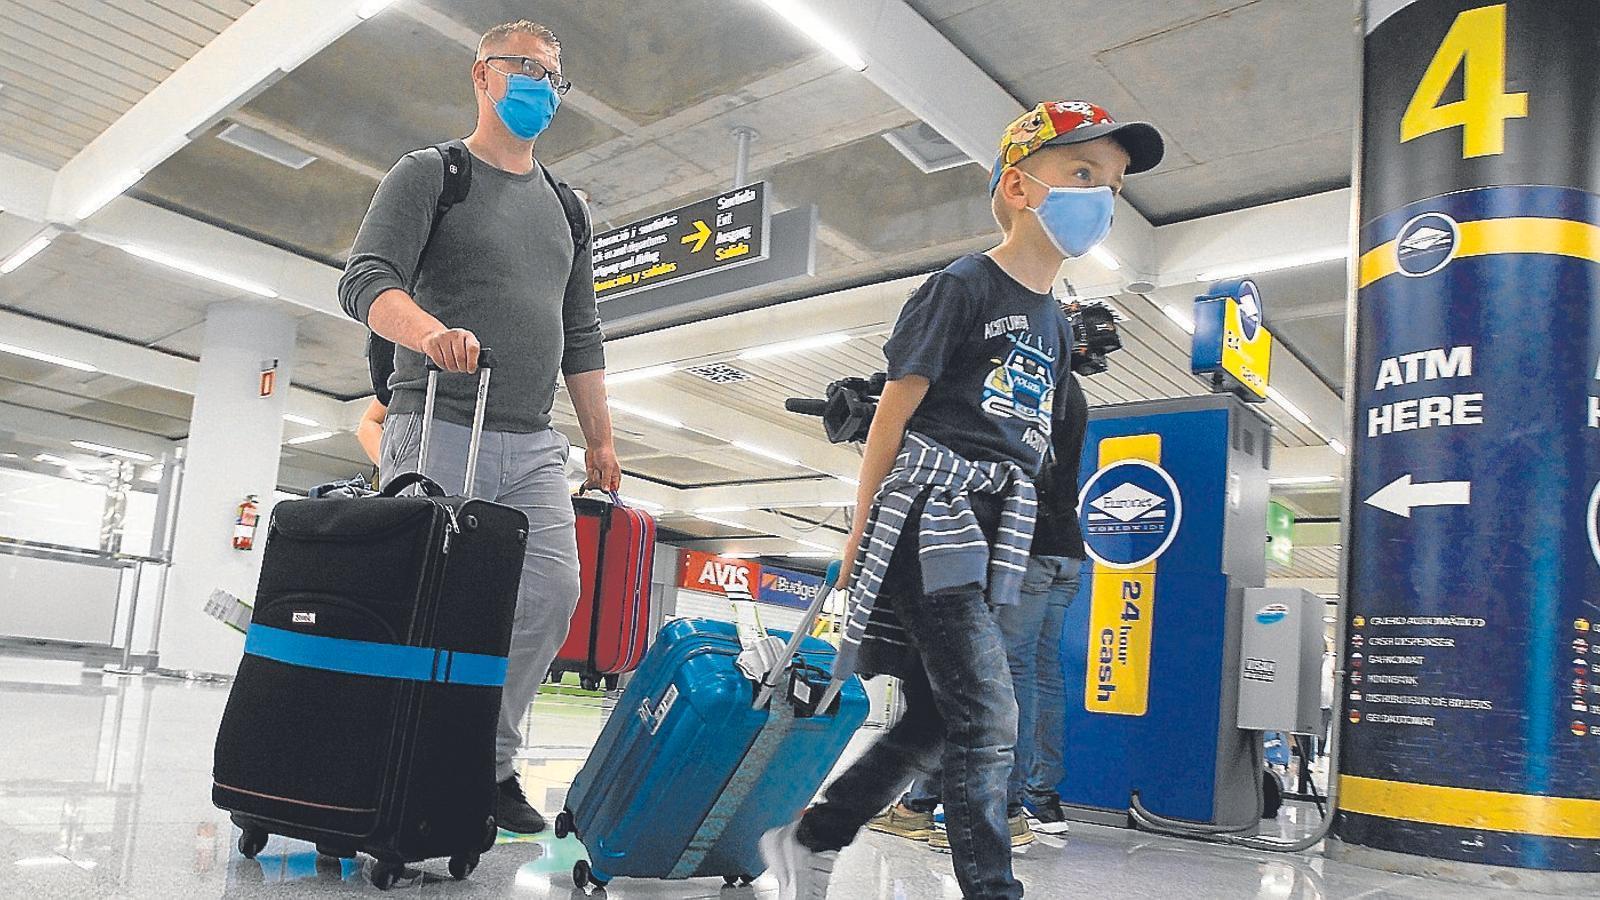 Les Balears lideren la caiguda del PIB turístic amb més de 13.000 milions d'euros